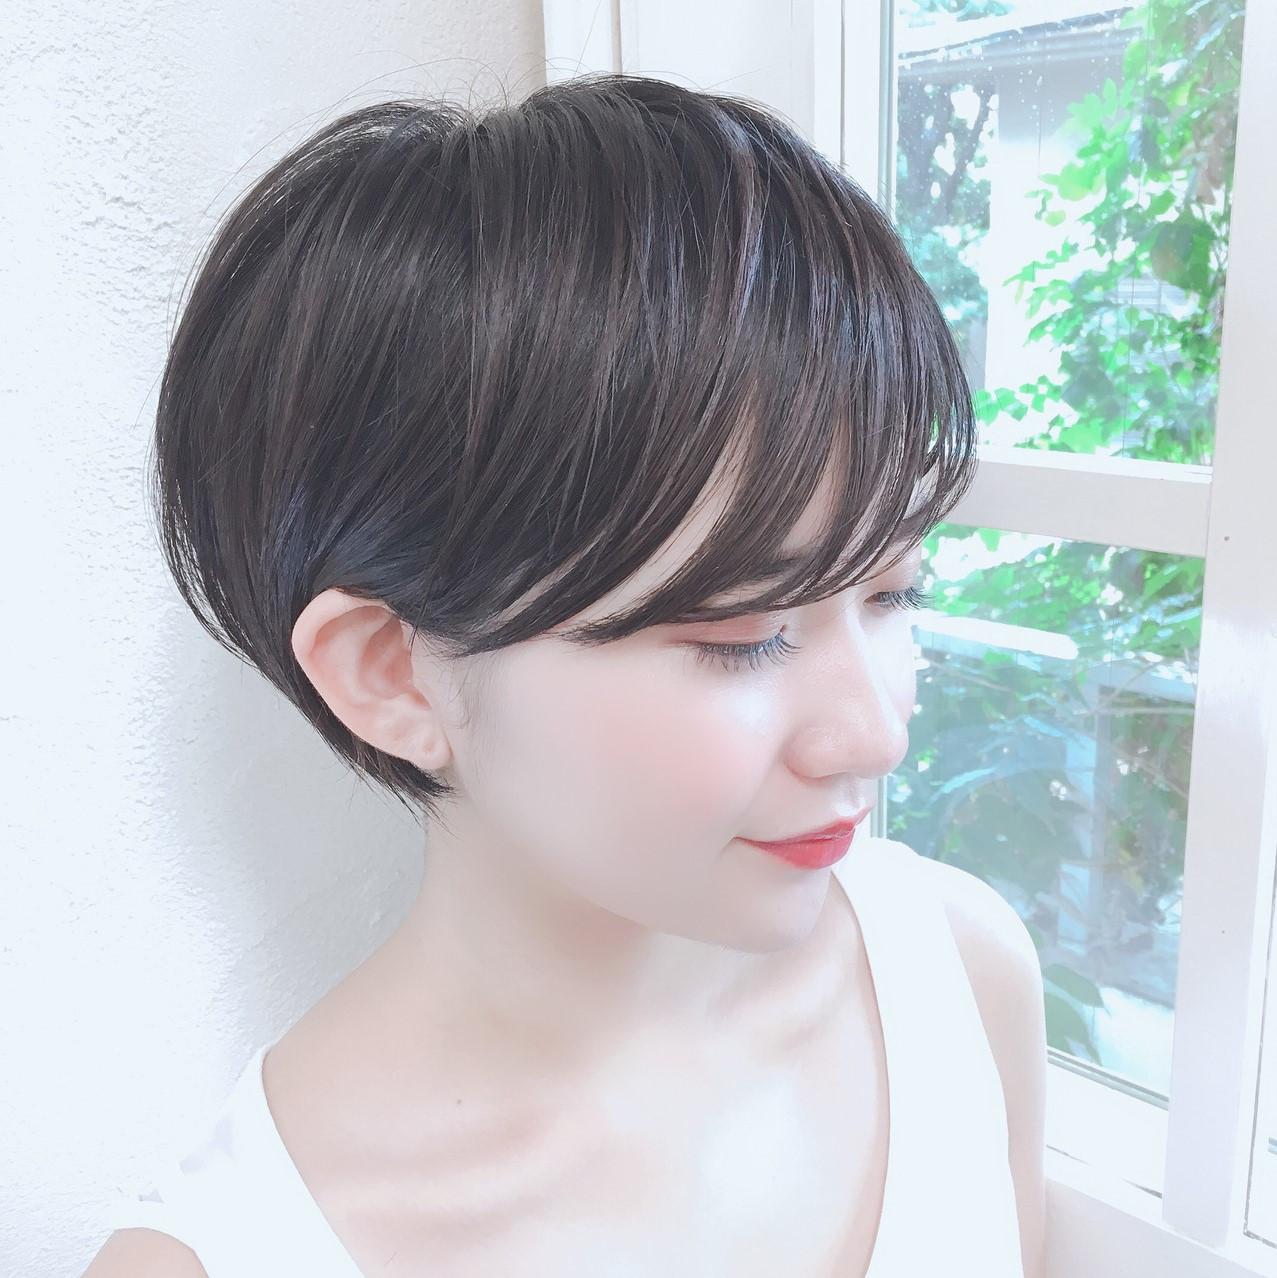 【2019】ジェルワックスが旬!濡れ髪スタイルと人気アイテムご紹介